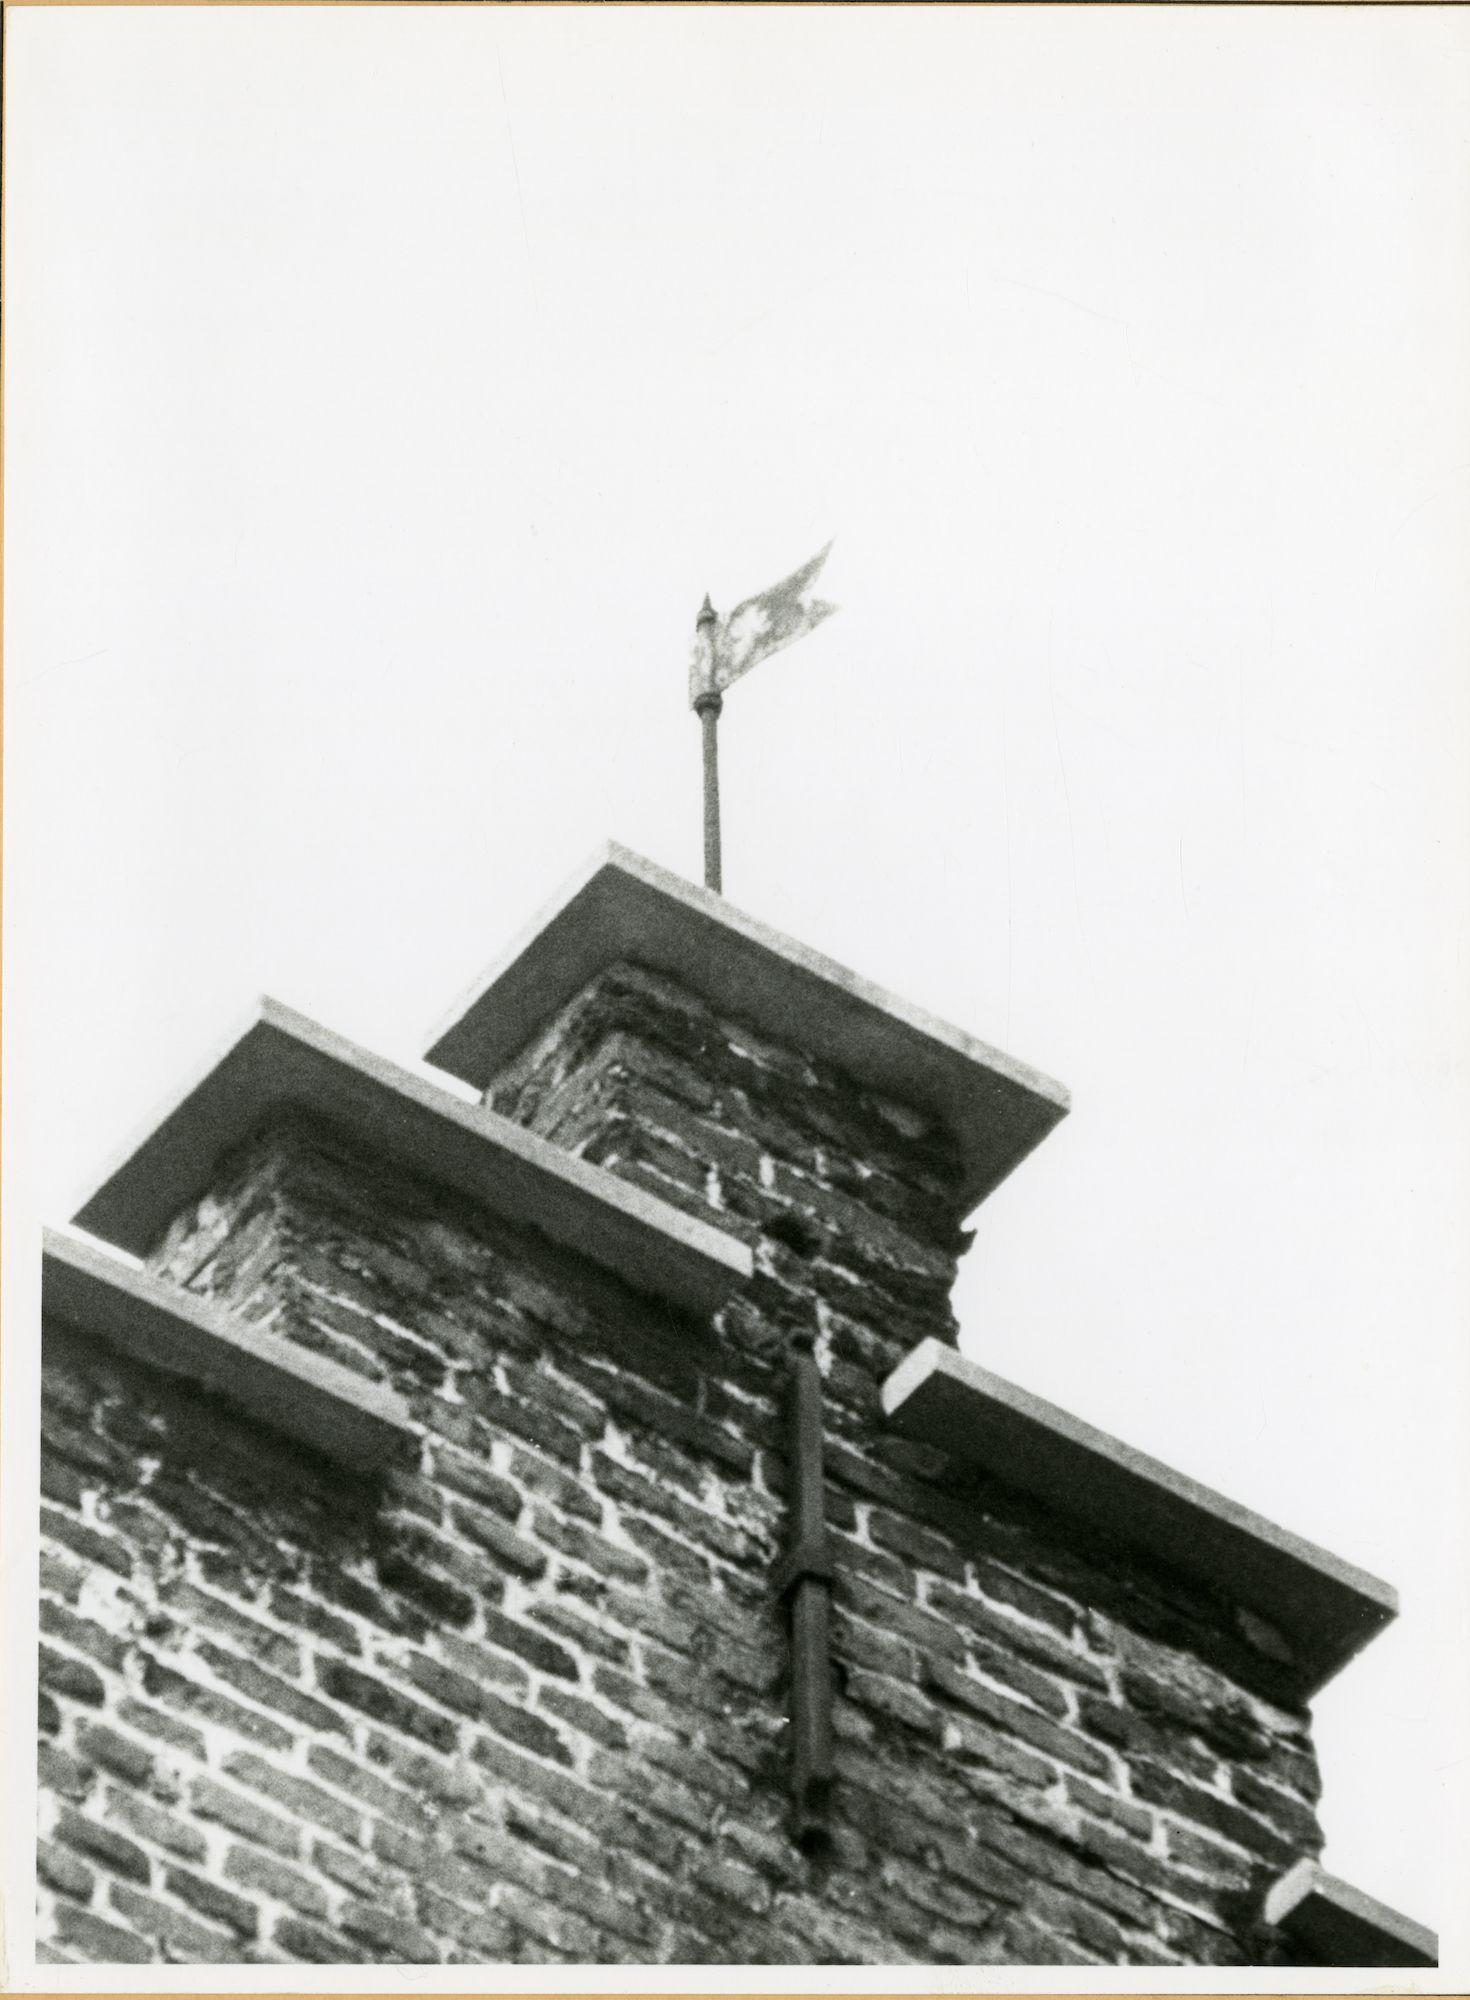 Gent: Houtbriel 26: Windwijzer, 1979